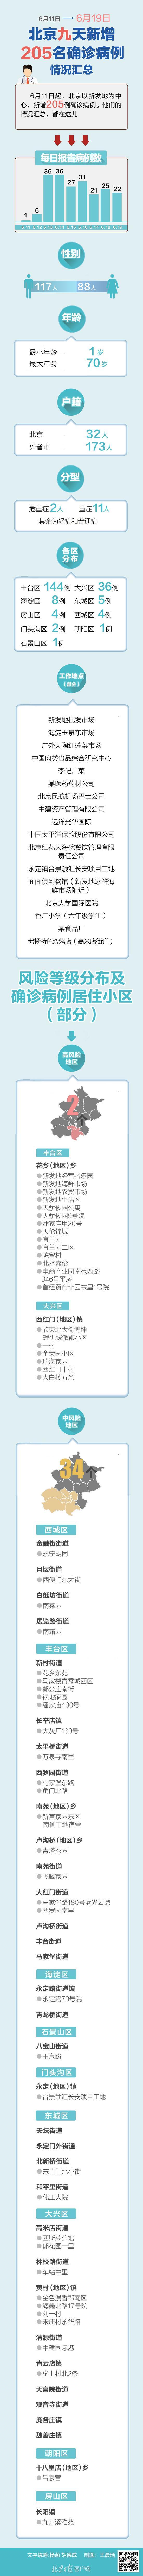 [天富]一图尽览北京205名确诊病例天富情况汇总图片